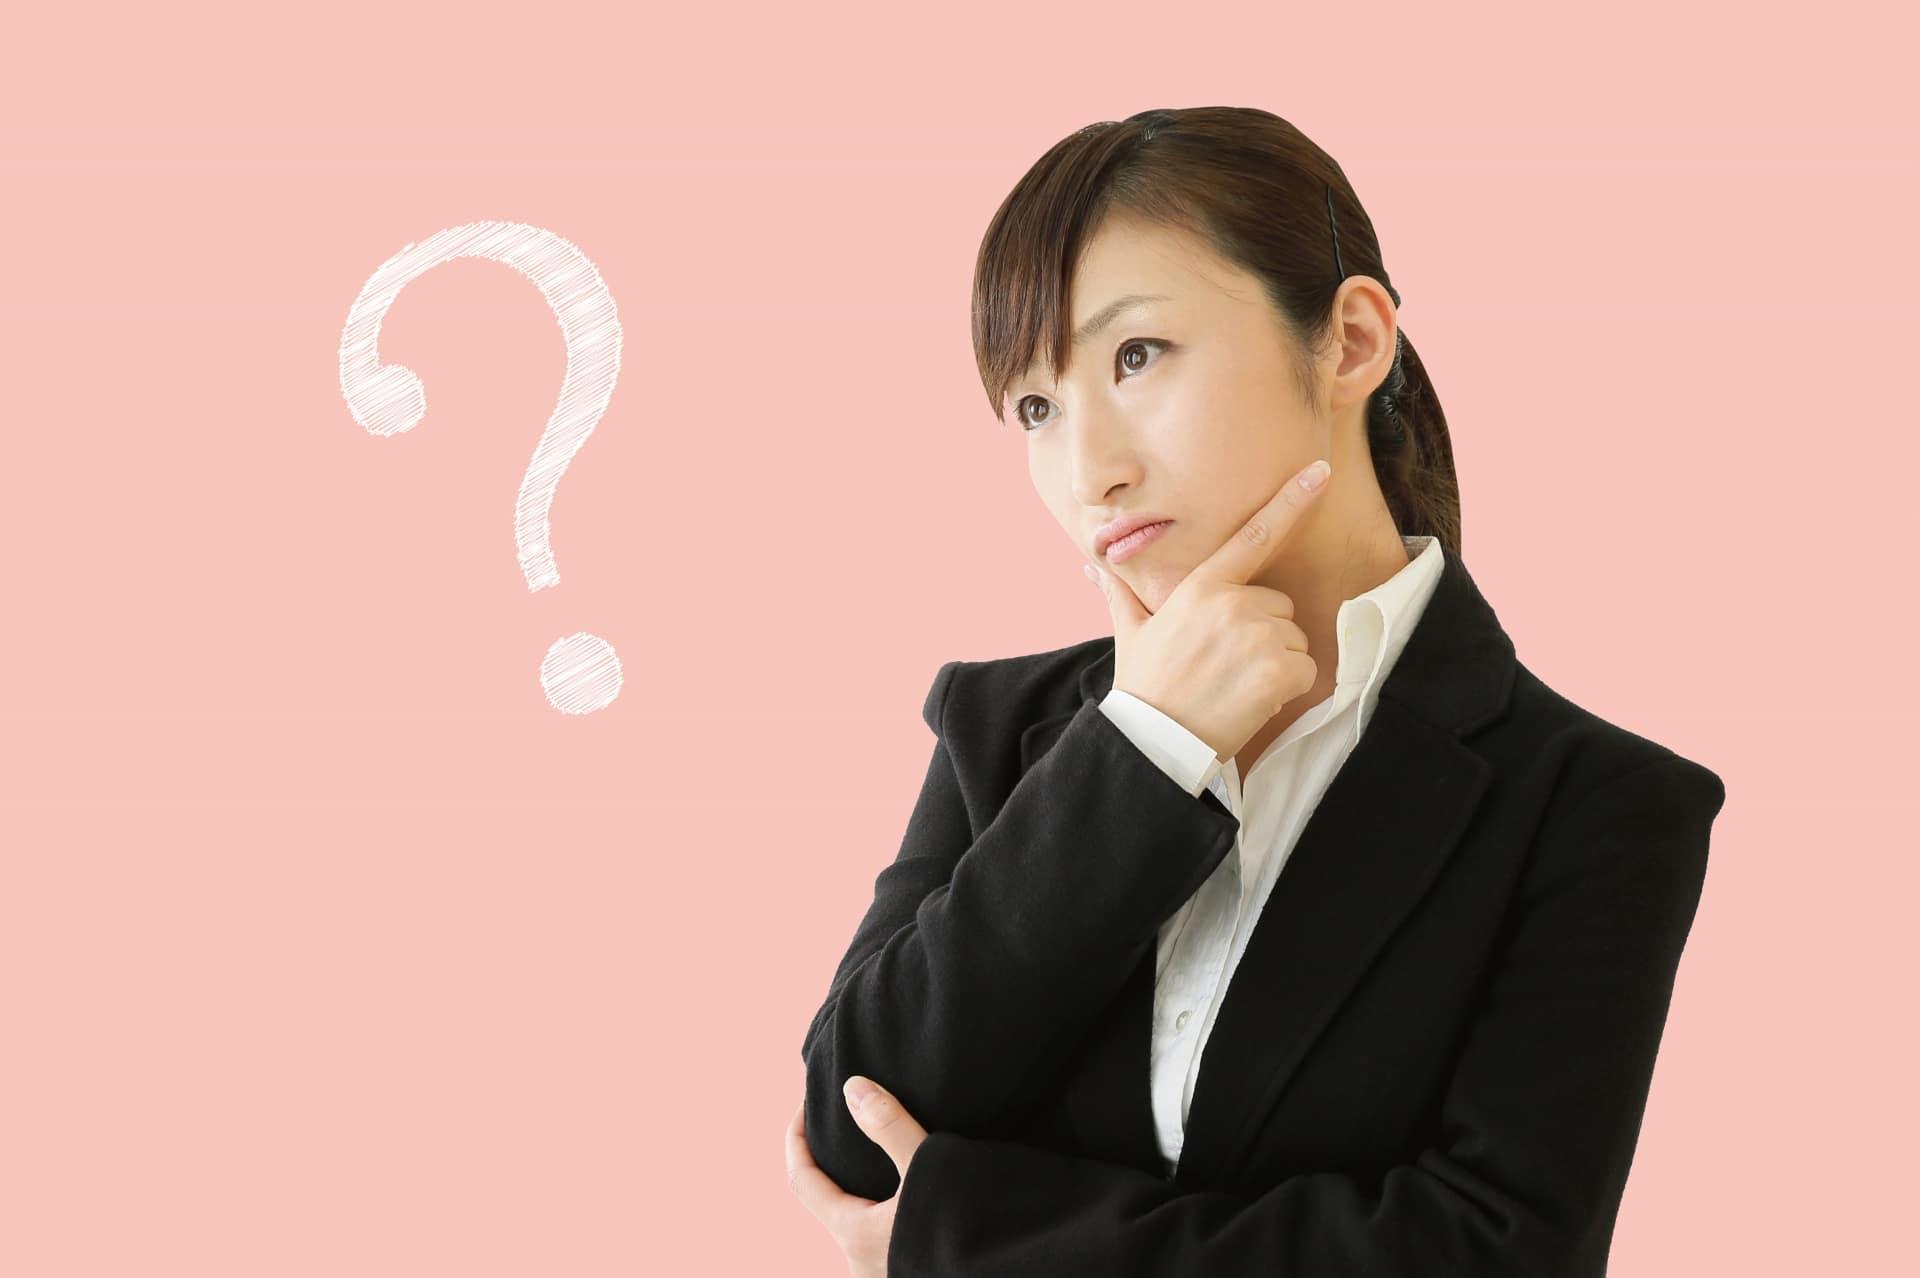 横浜神奈川で親切な安い結婚相談所が簡単にわかる2つの簡単な方法